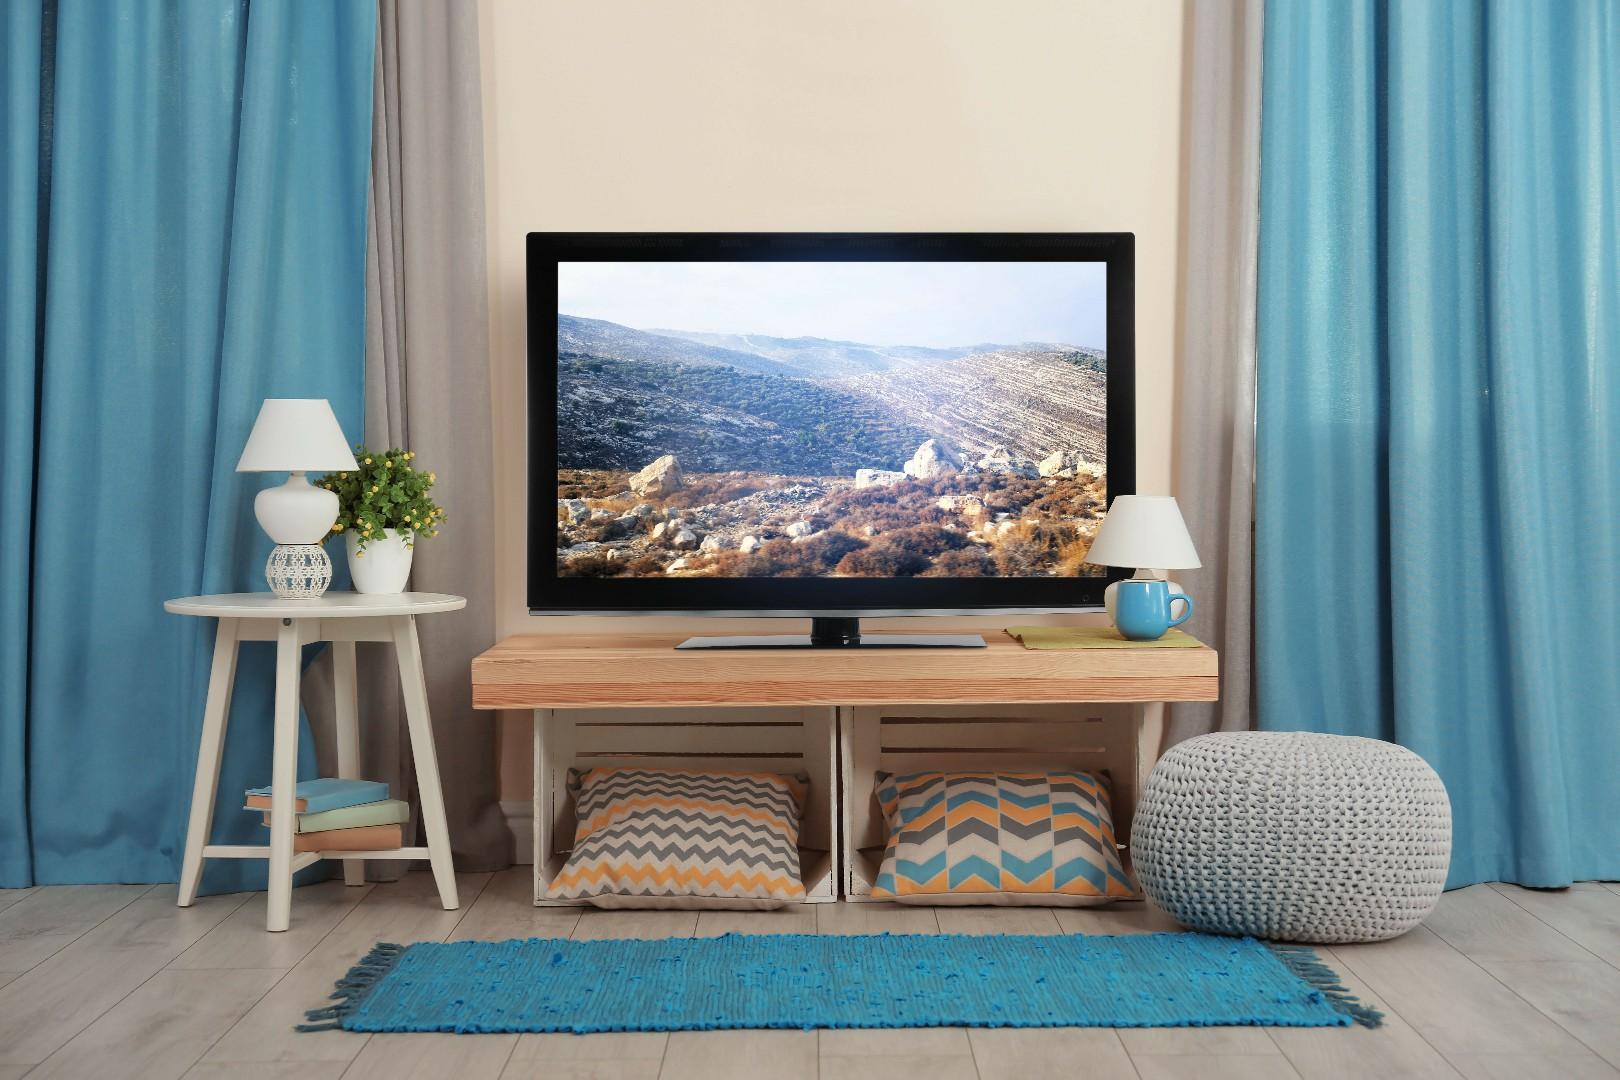 A Quelle Hauteur Mettre Une Tele Au Mur comment poser sa télé? ( fixée au mur ou sur un meuble tv